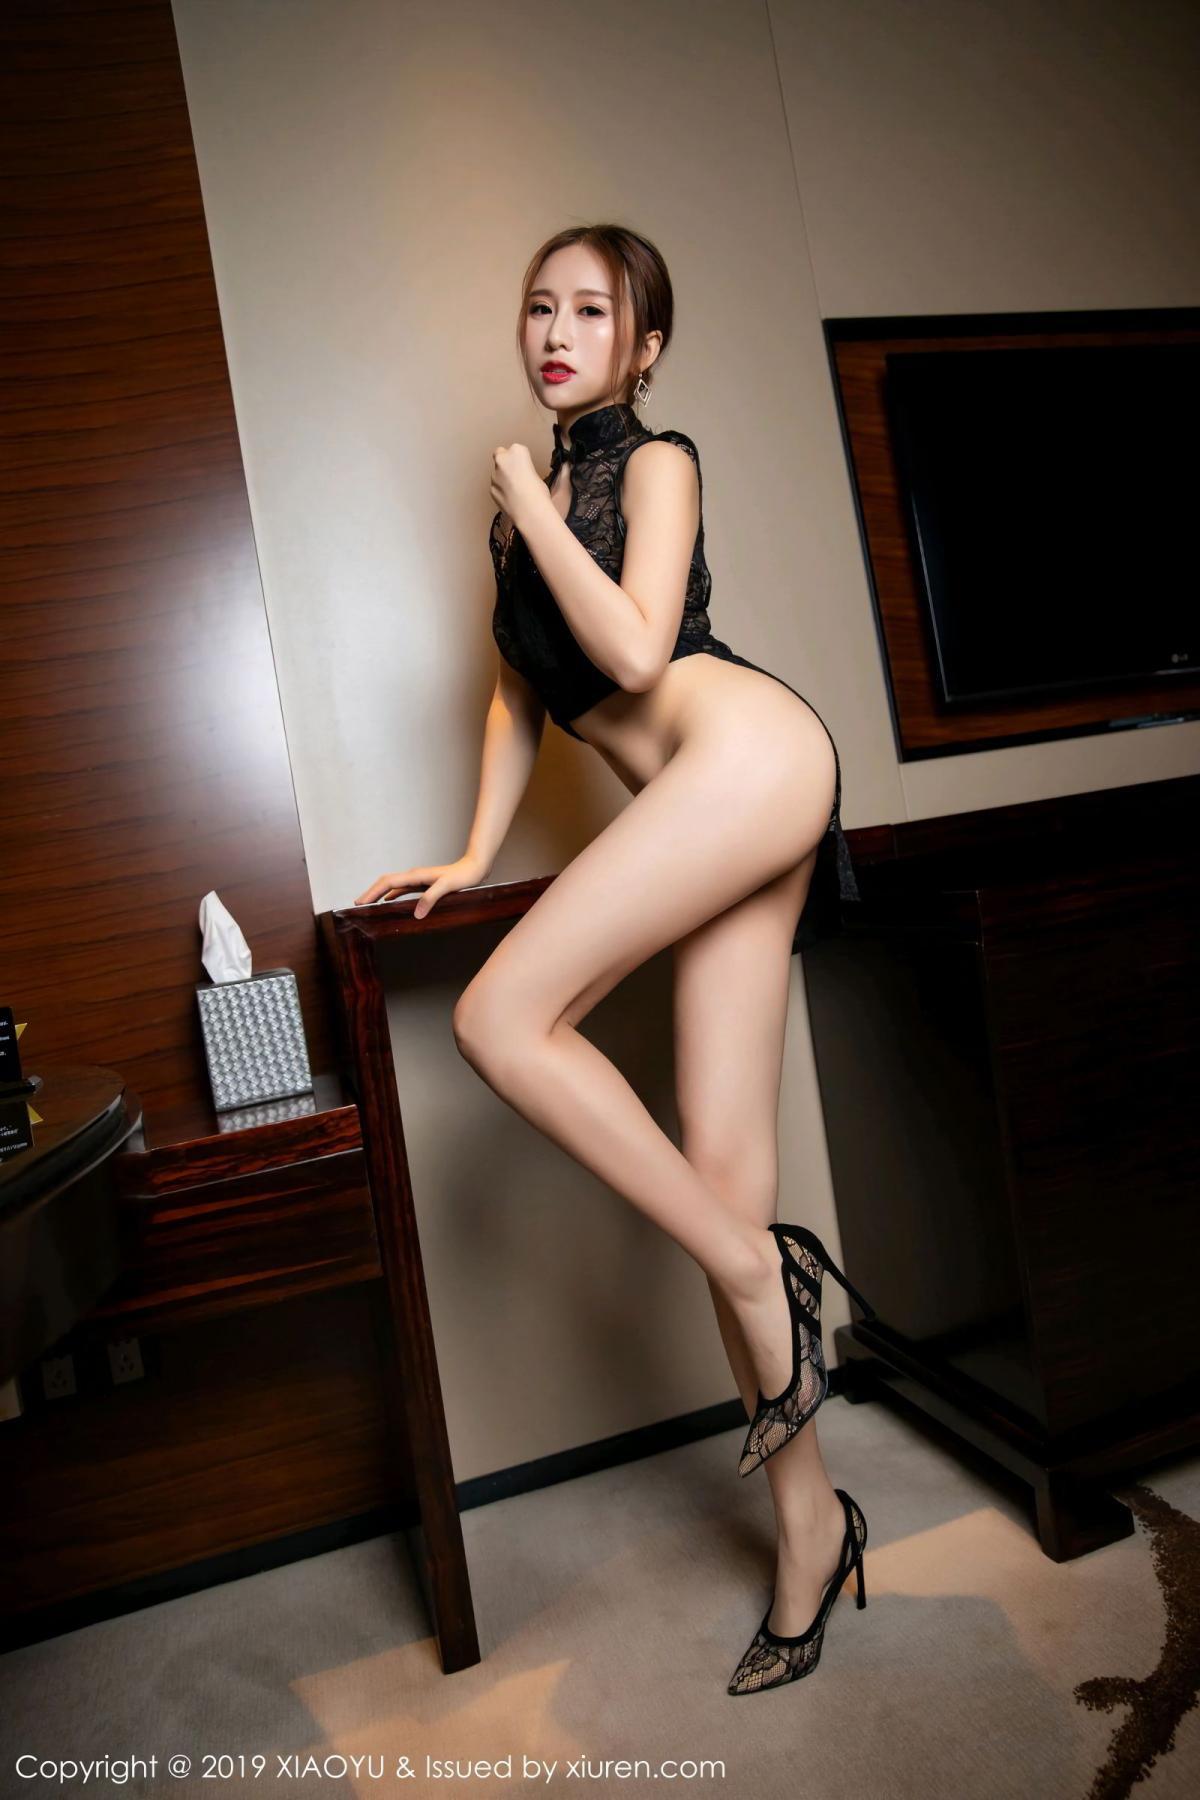 [XiaoYu] Vol.108 Yue Yin Tong 14P, Underwear, XiaoYu, Yue Yin Tong